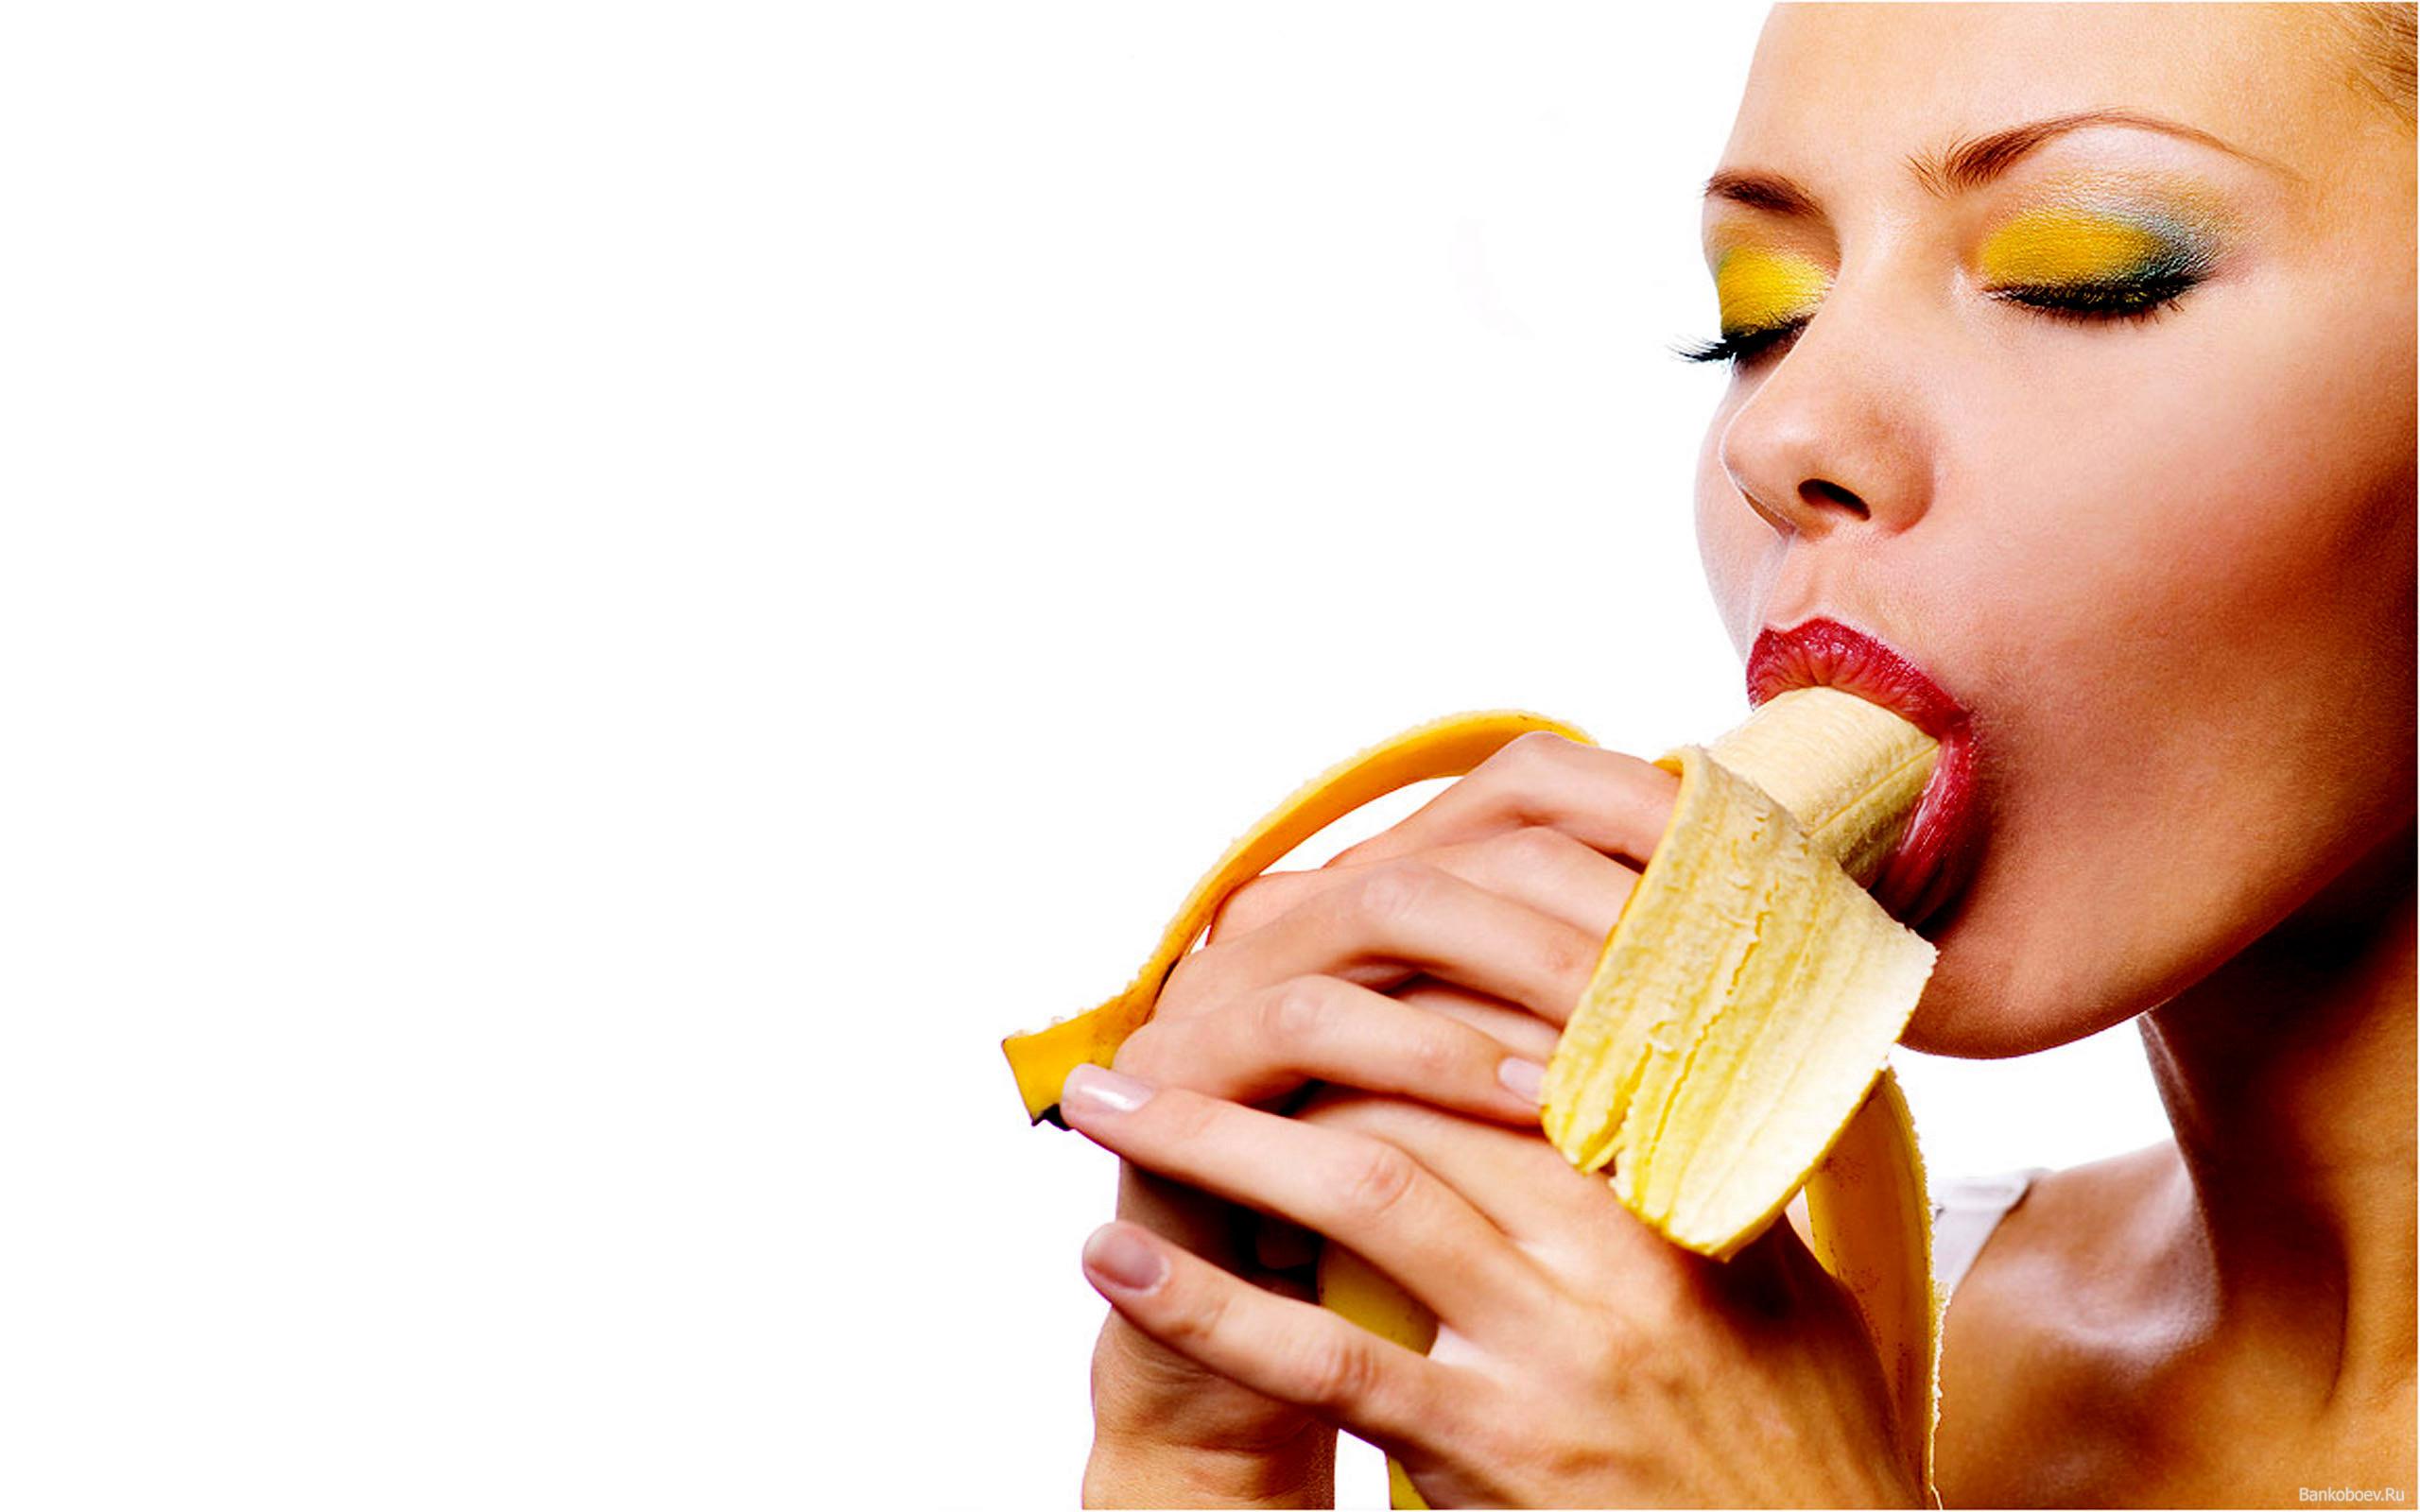 Фото девушки и бананы 15 фотография